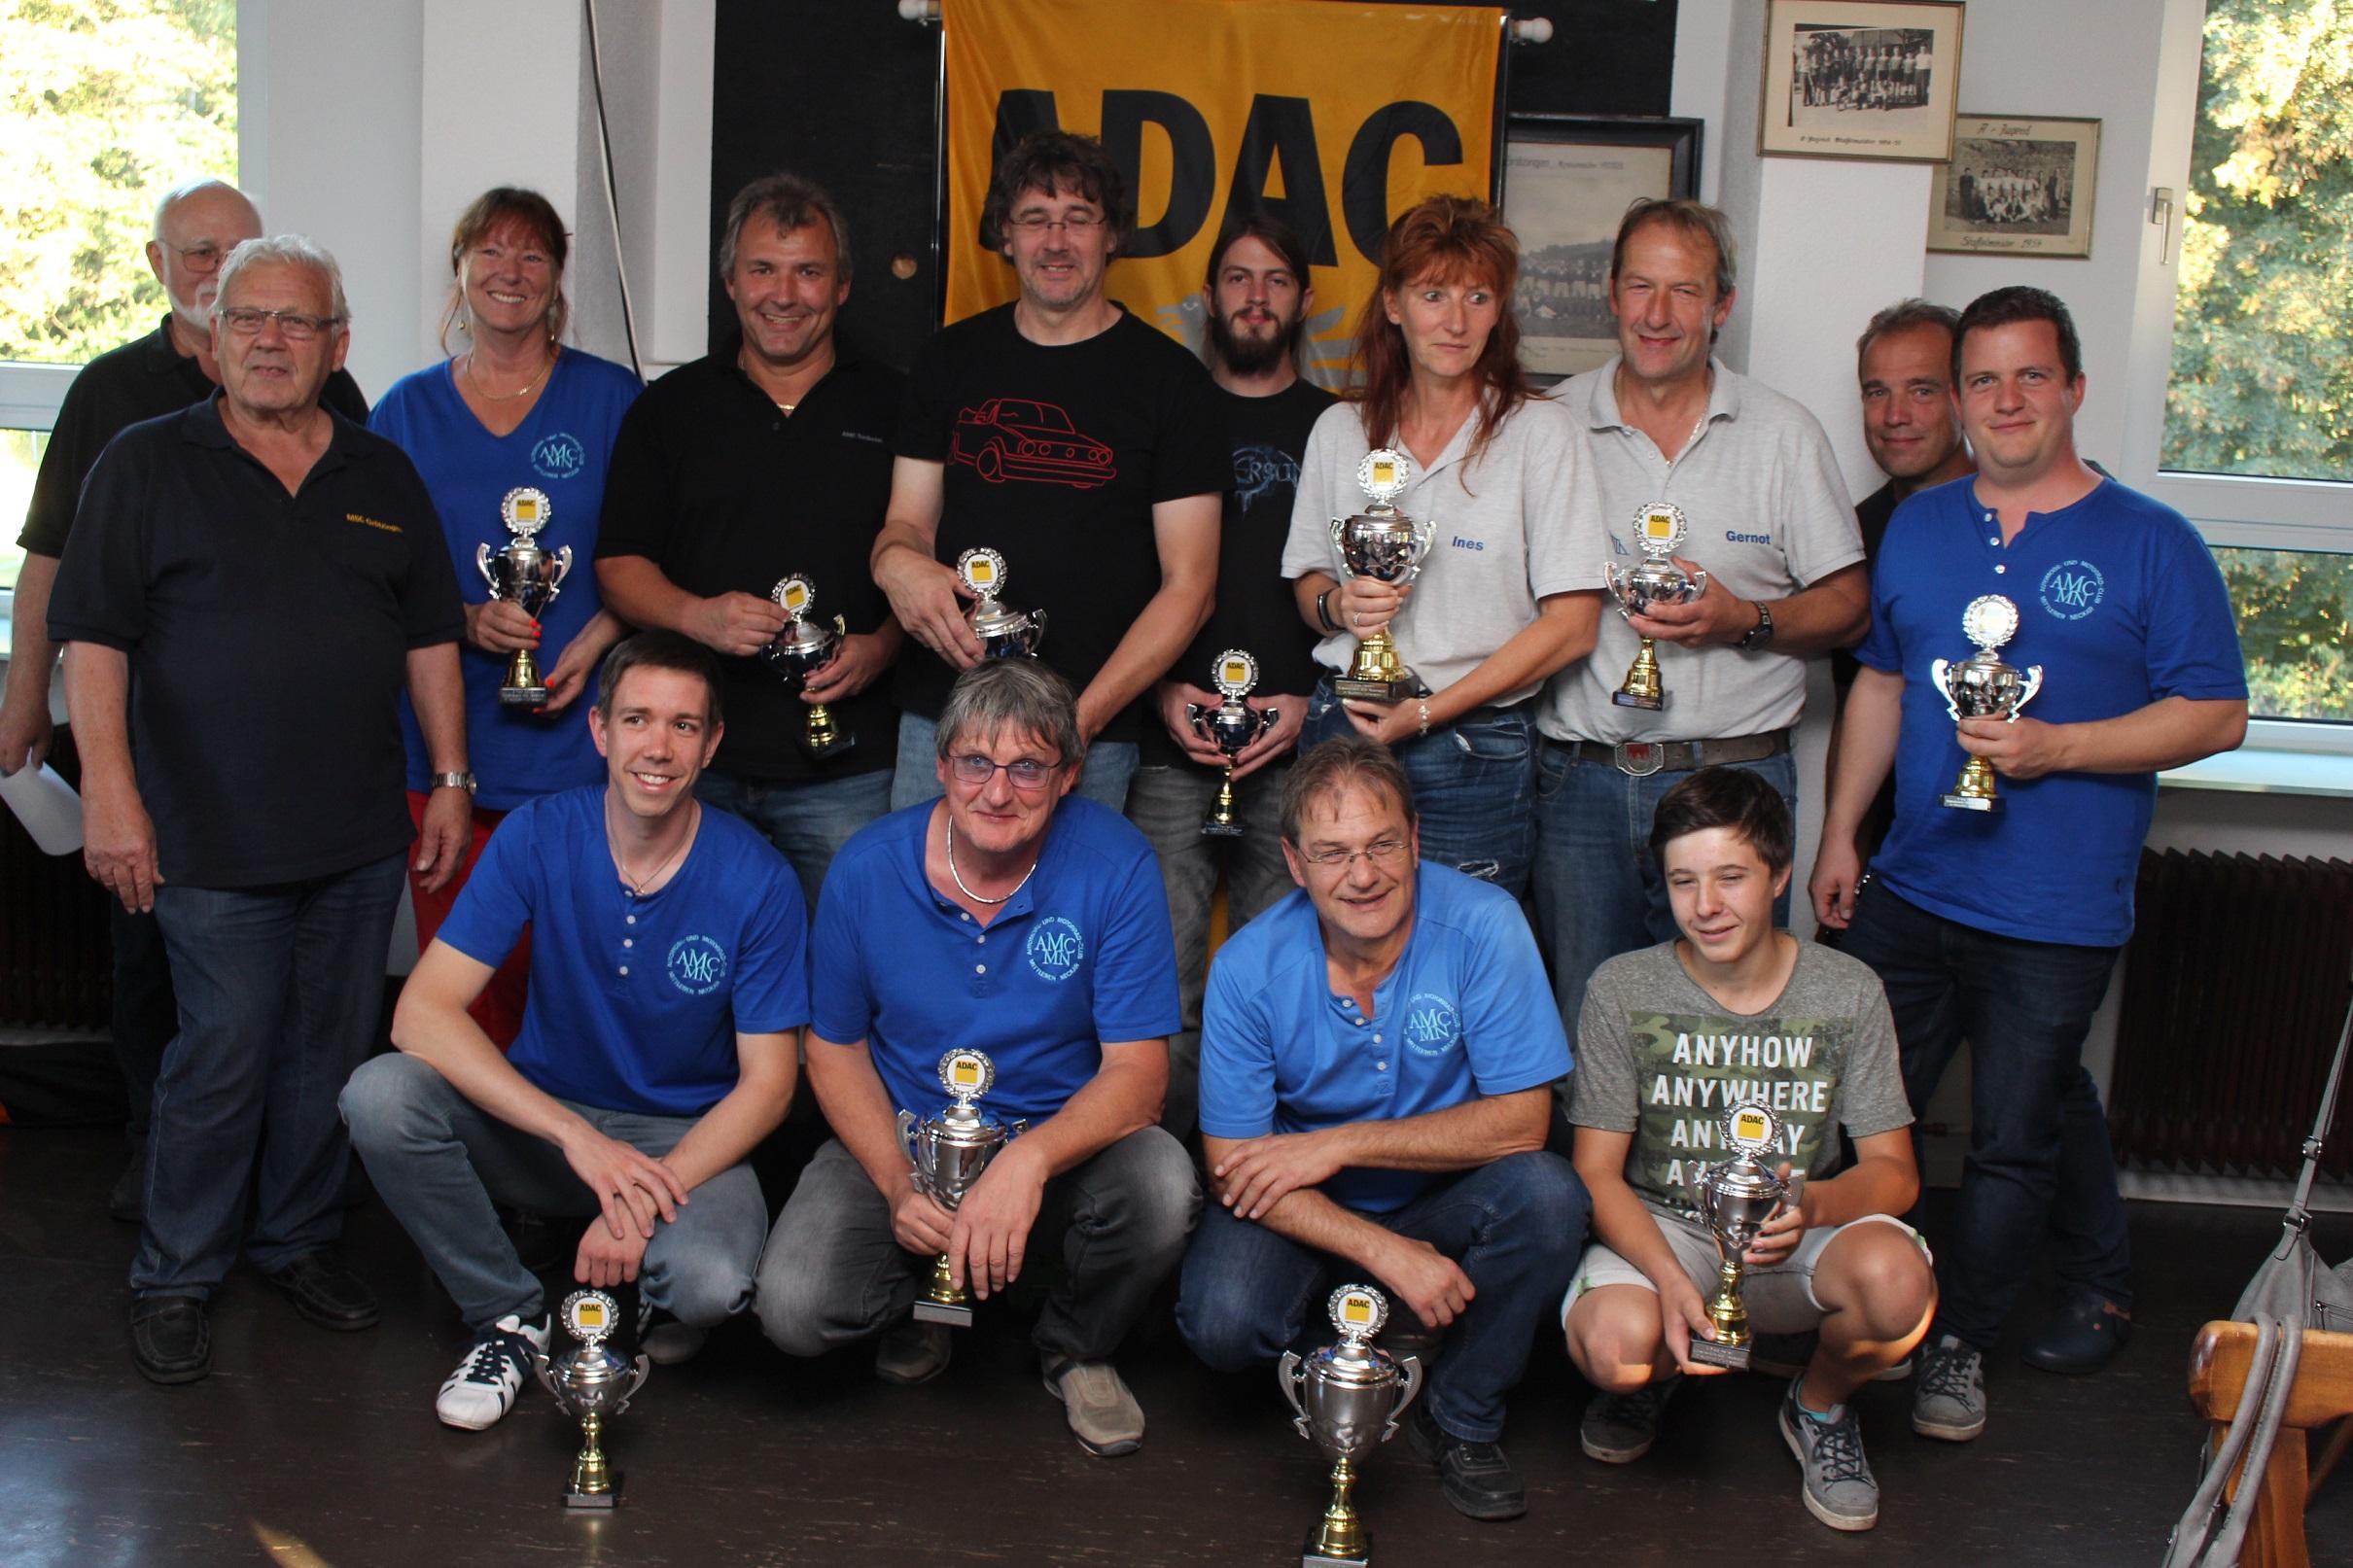 Süddeutsche Meisterschaft des ADAC Nordbaden im Turniersport 2018